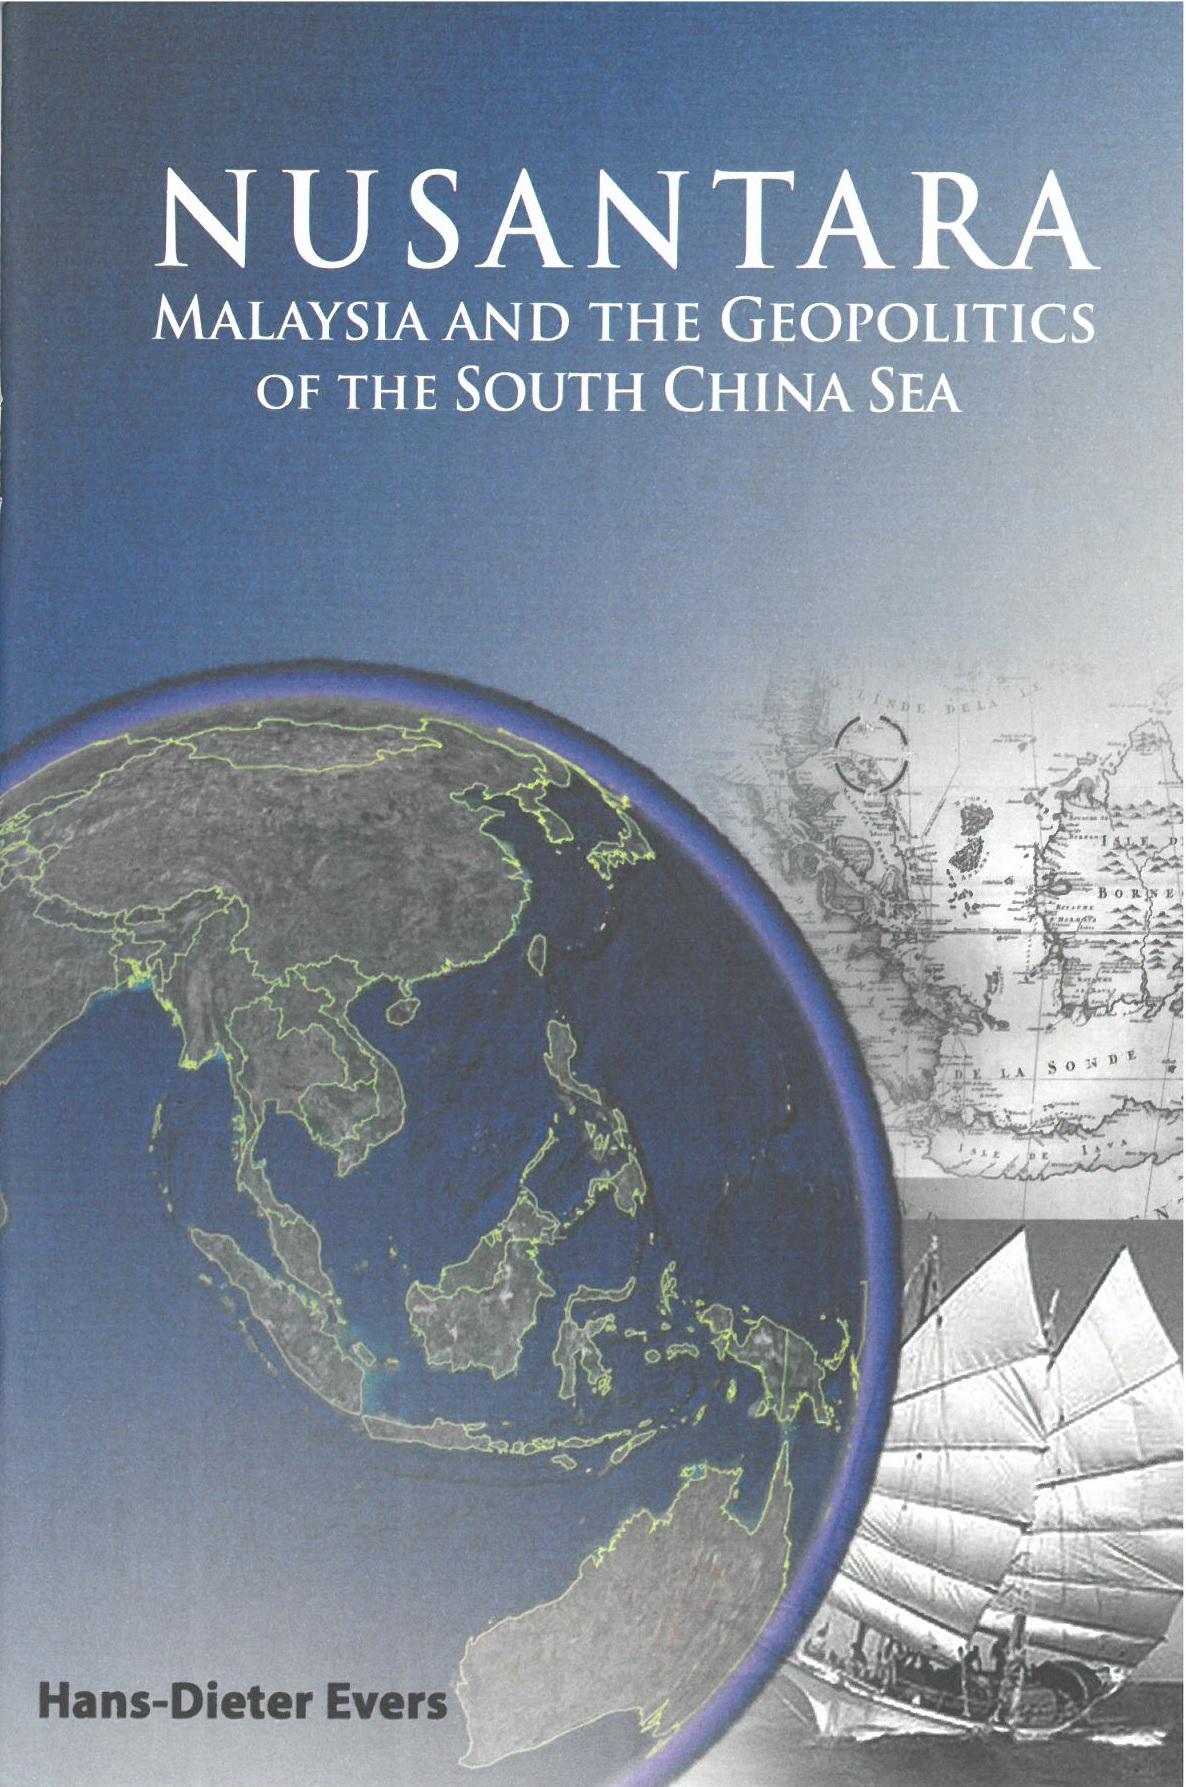 NUSANTARA: MALAYSIA AND THE GEOPOLITICS OF THE SOUTH CHINA SEA